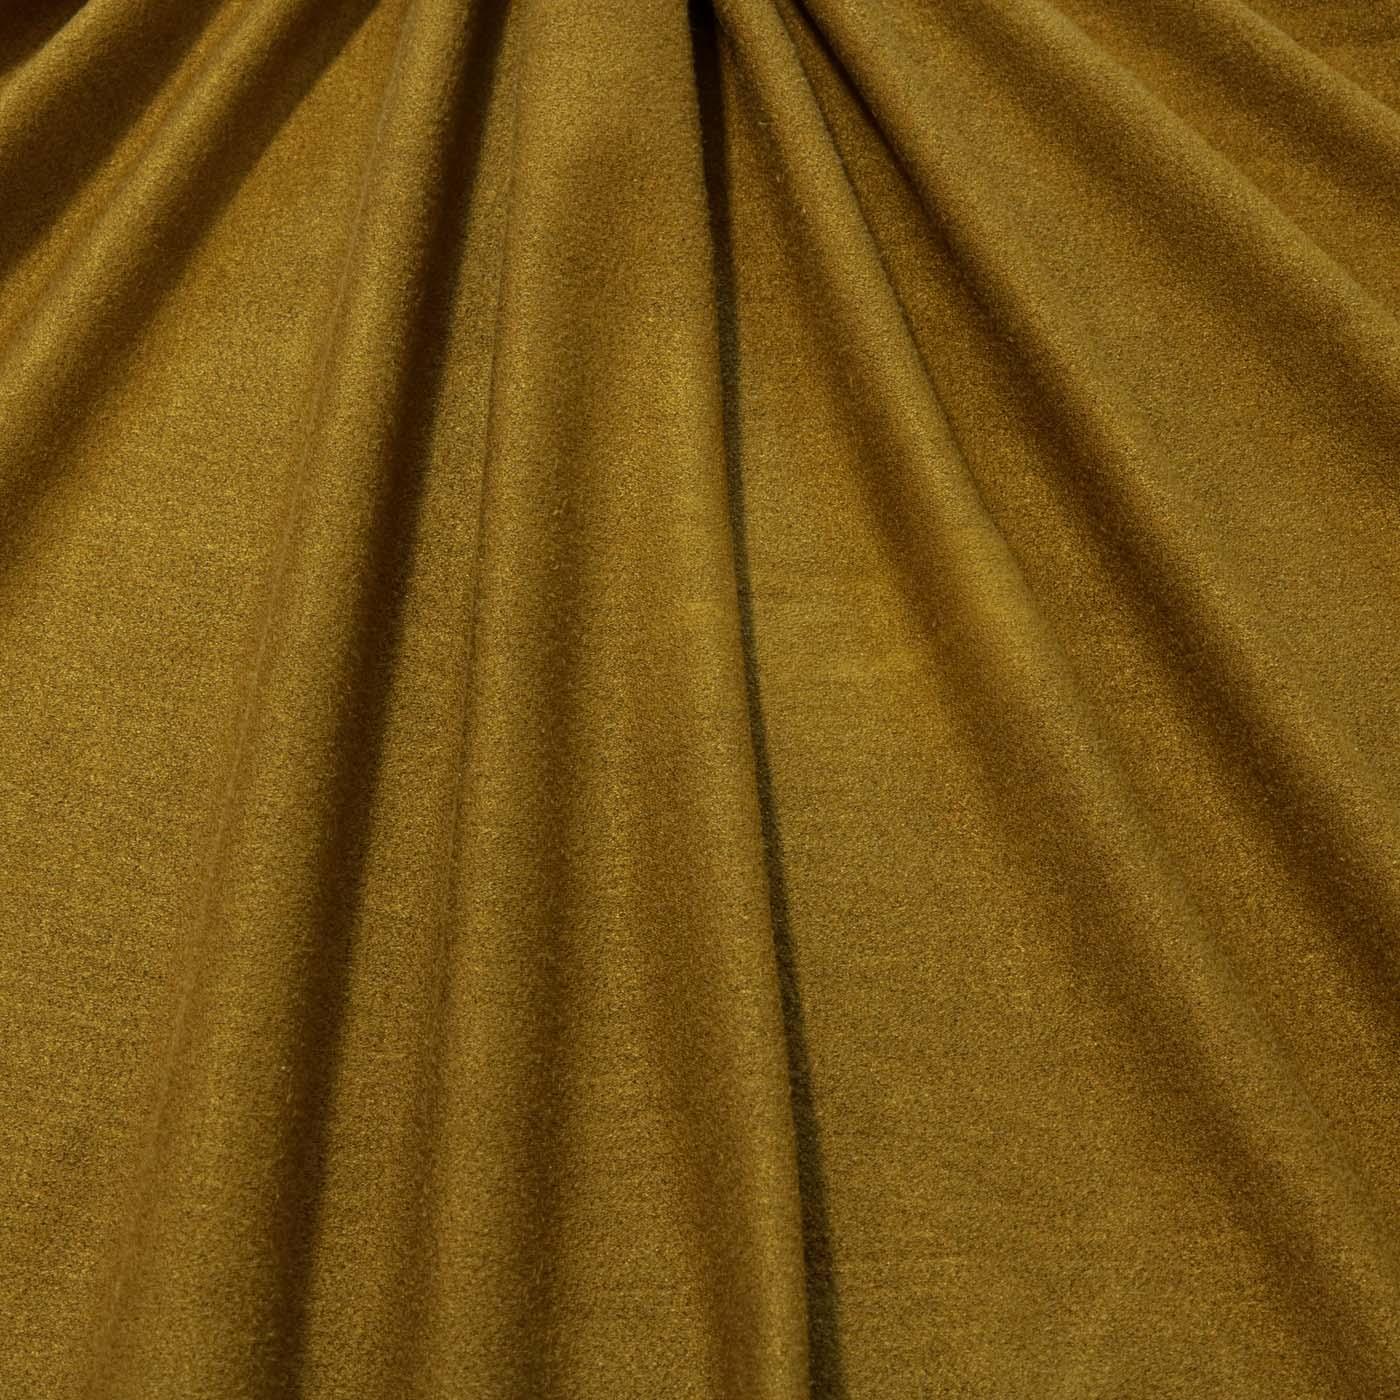 Tecido Malha Suede Mostarda Toque de Pele Lisa Com Elastano